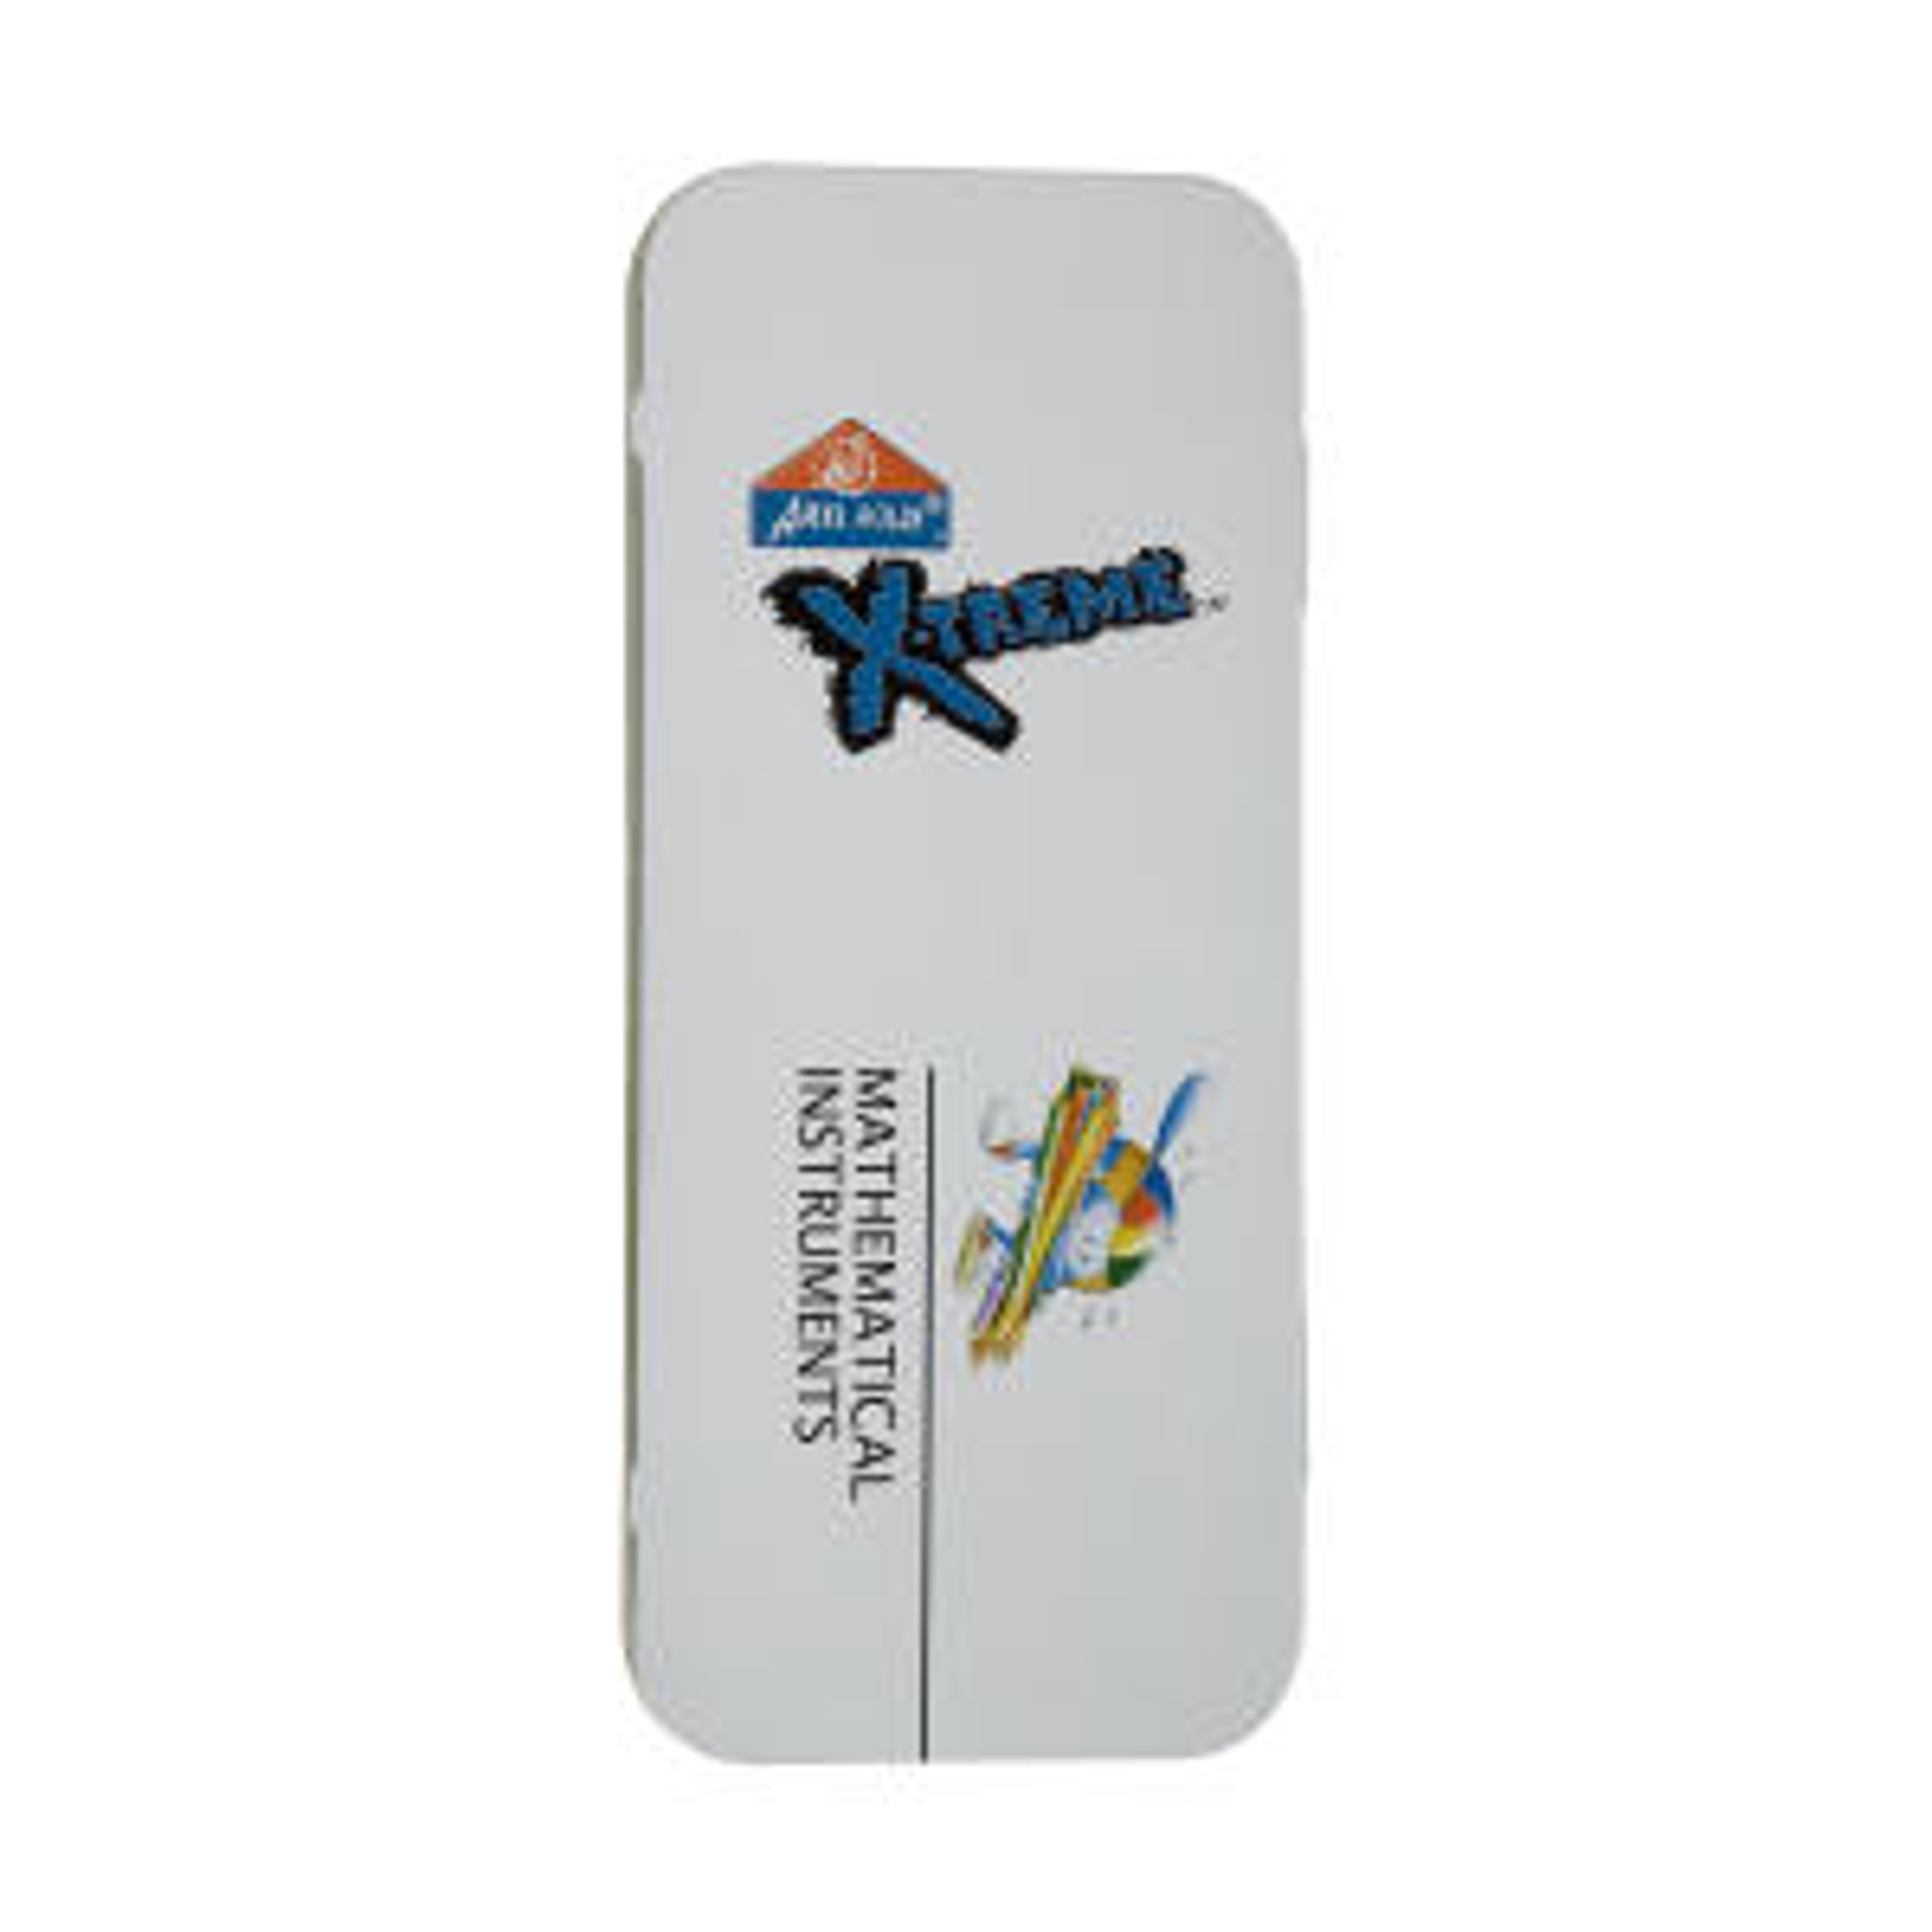 ست پرگار آرتی آکوا مدل X-TREME